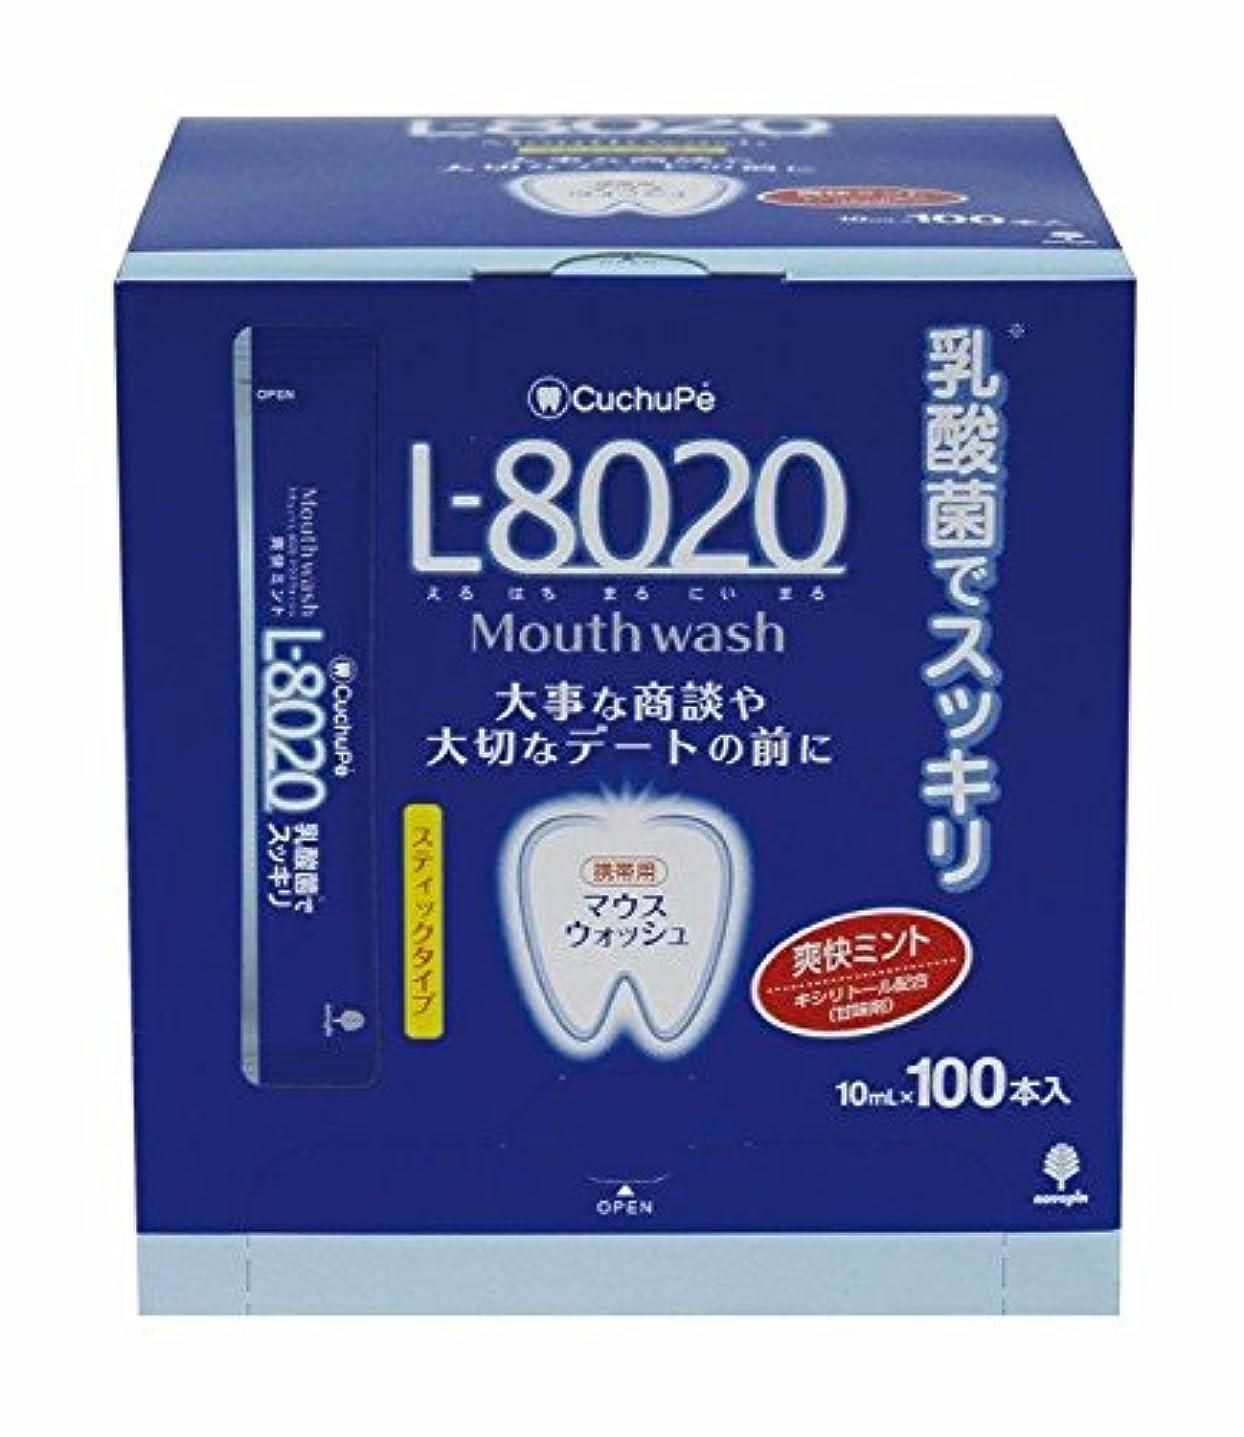 クロニクルスリップシューズ適用済み紀陽除虫菊 マウスウォッシュ クチュッペ L-8020 爽快ミント スティックタイプ 100本入